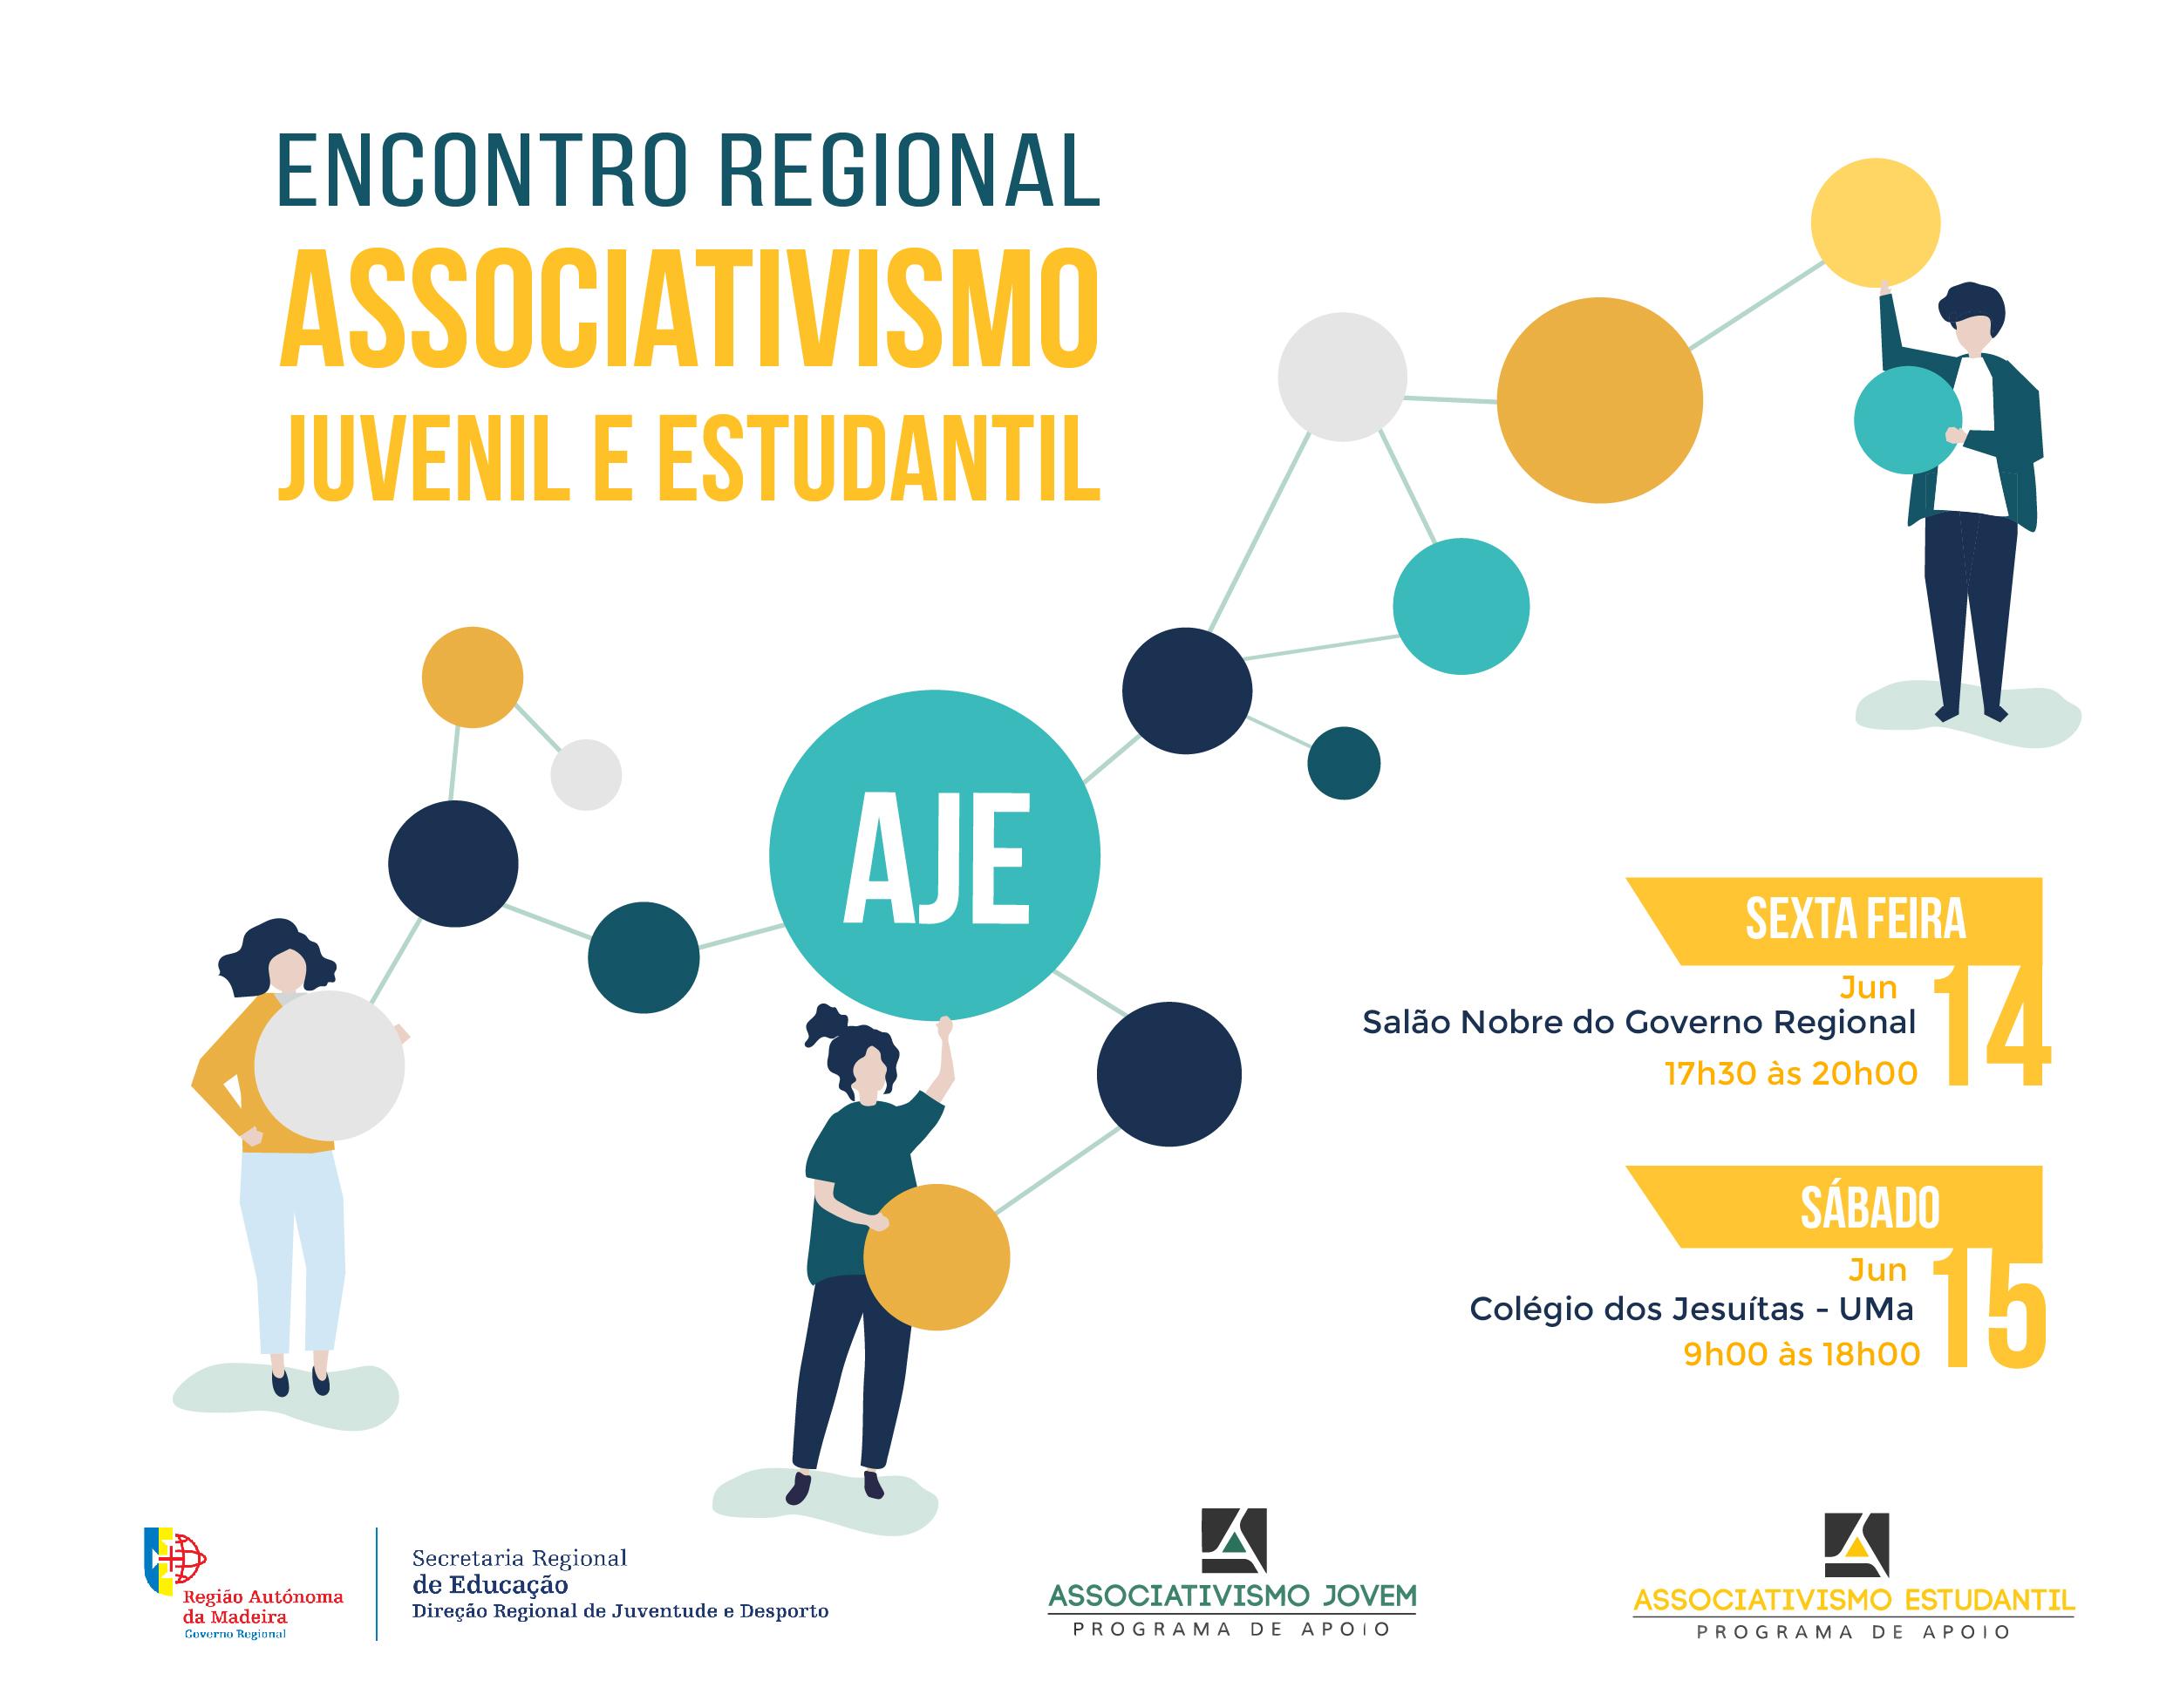 Encontro Regional do Associativismo Juvenil e Estudantil – AJE